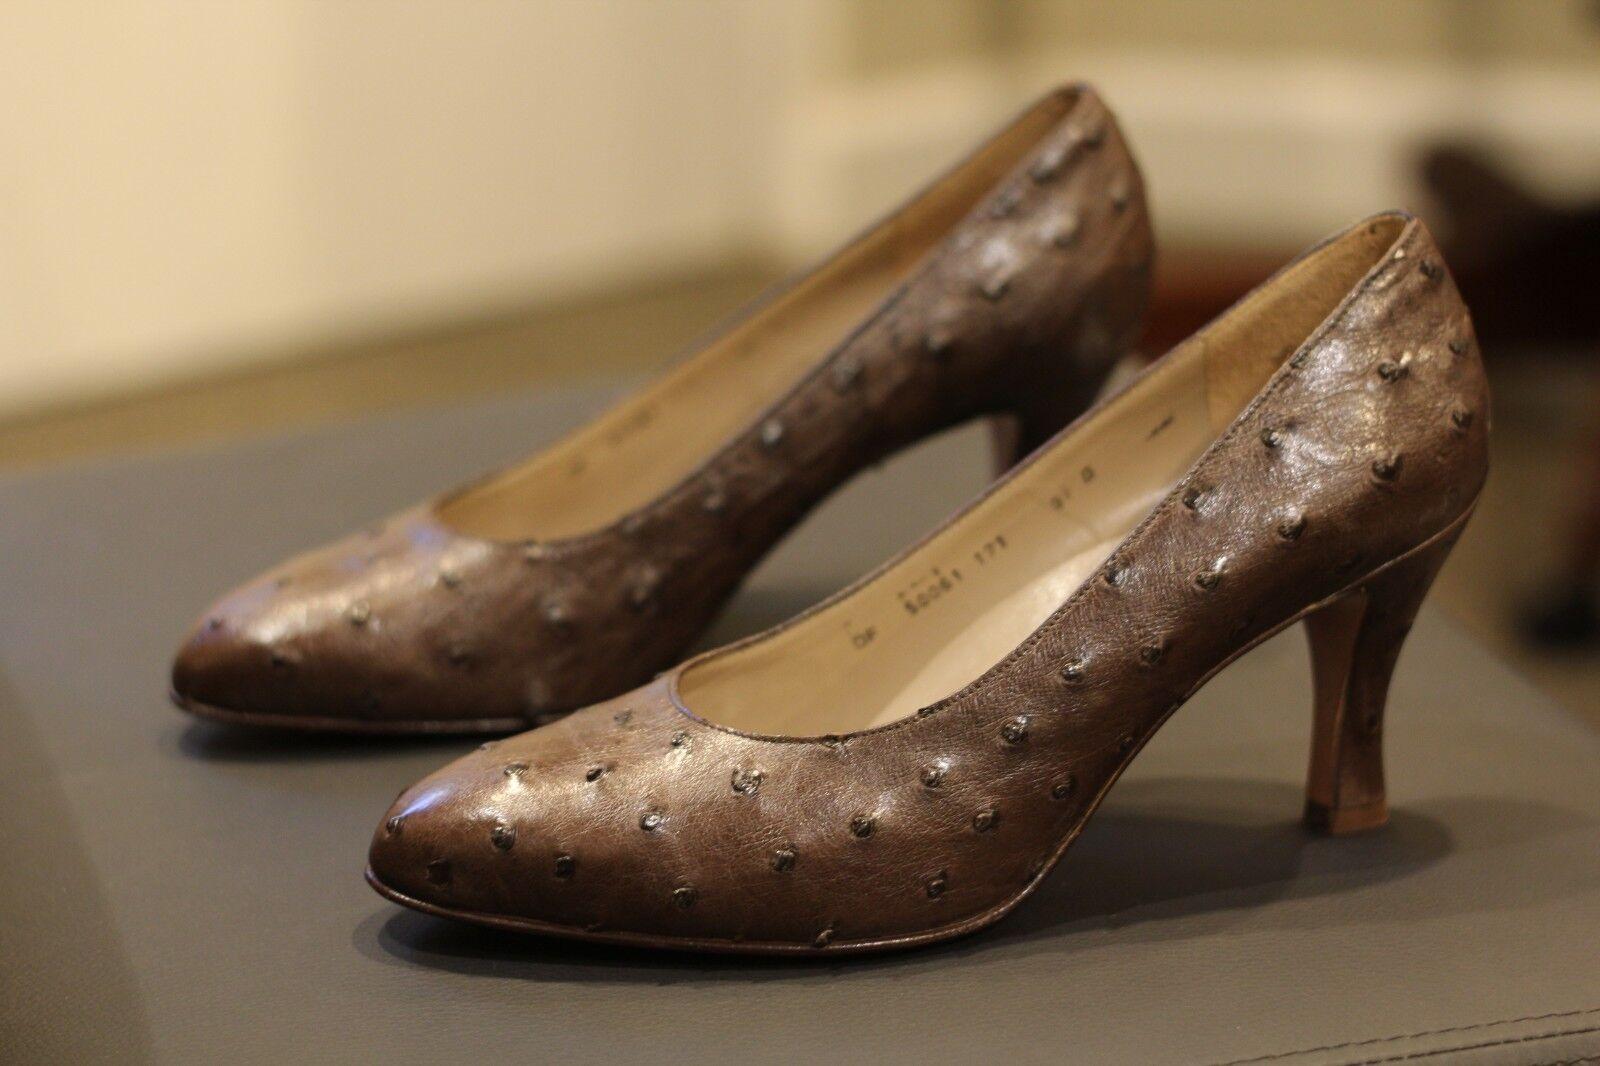 Salvatore Ferragamo Ostrich Leather Pumps Pumps Pumps schuhe Heels Made in  New Sz 9.5 B a6820c